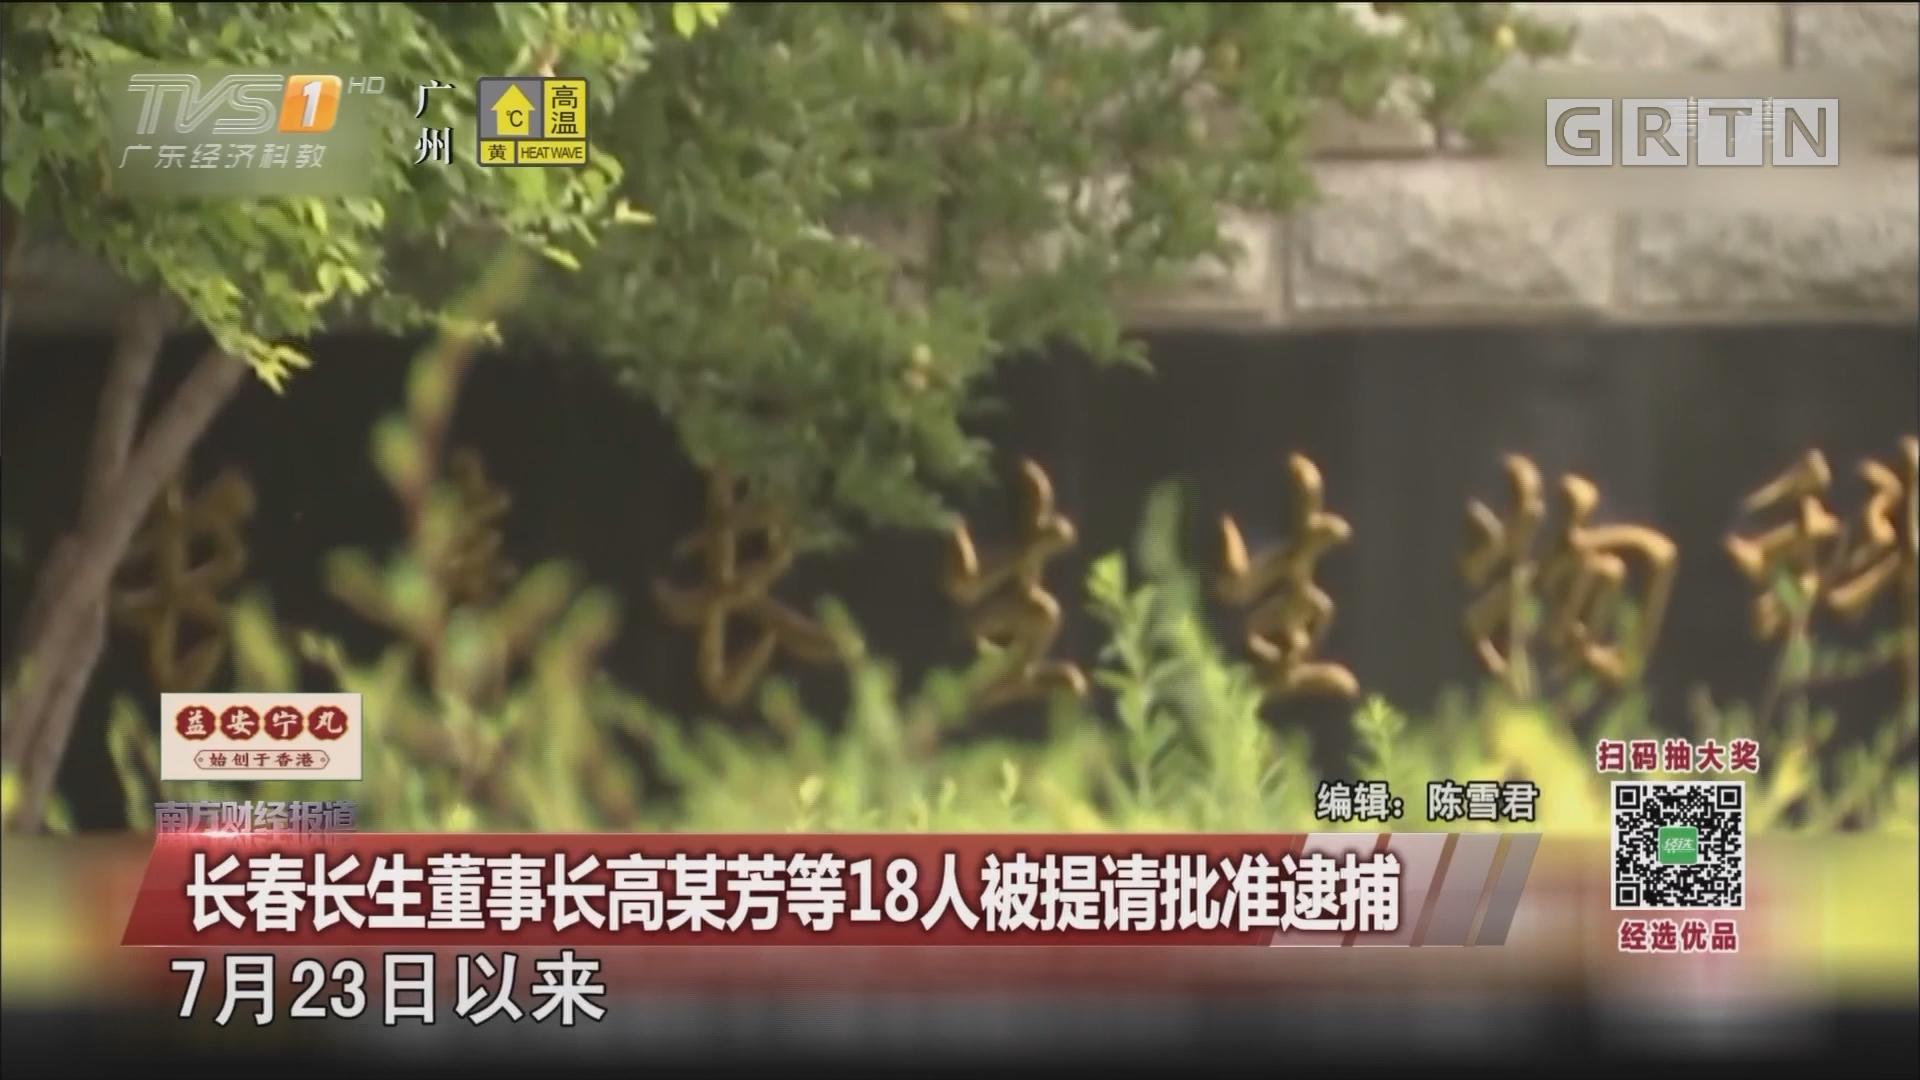 长春长生董事长高某芳等18人被提请批准逮捕